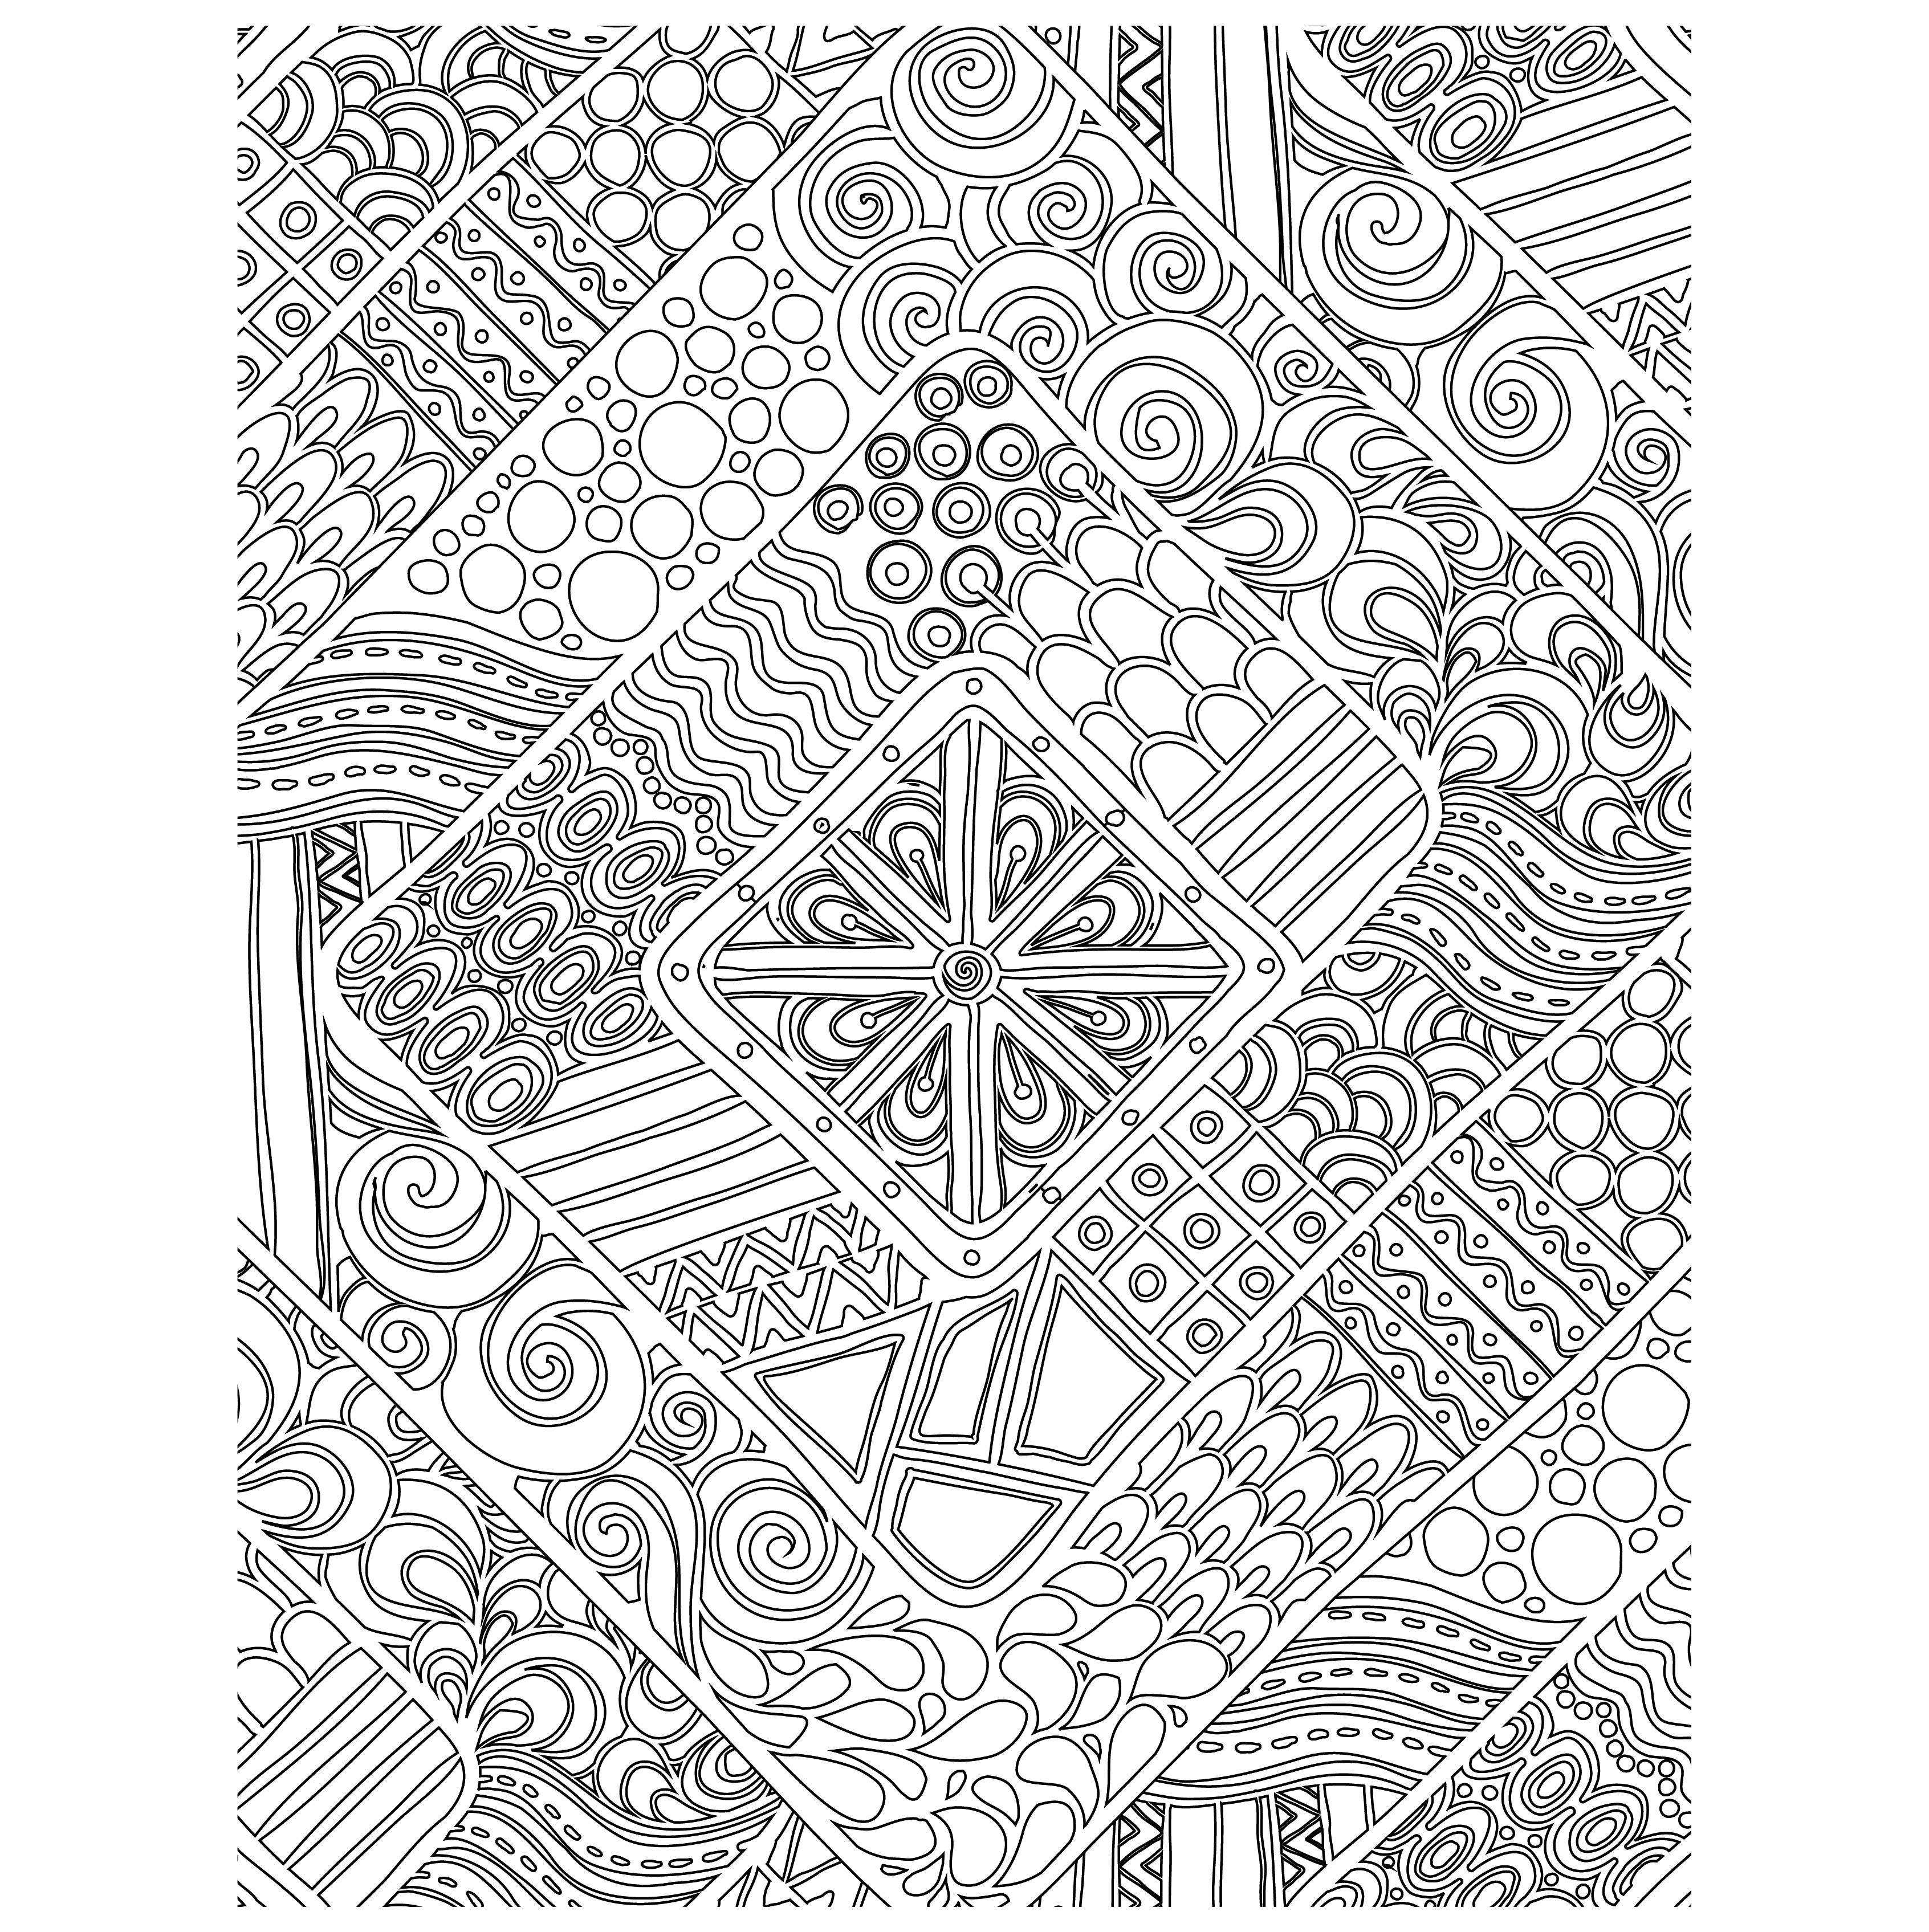 Coloriage gratuit doodle g om trique - Dessin geometrique a colorier ...